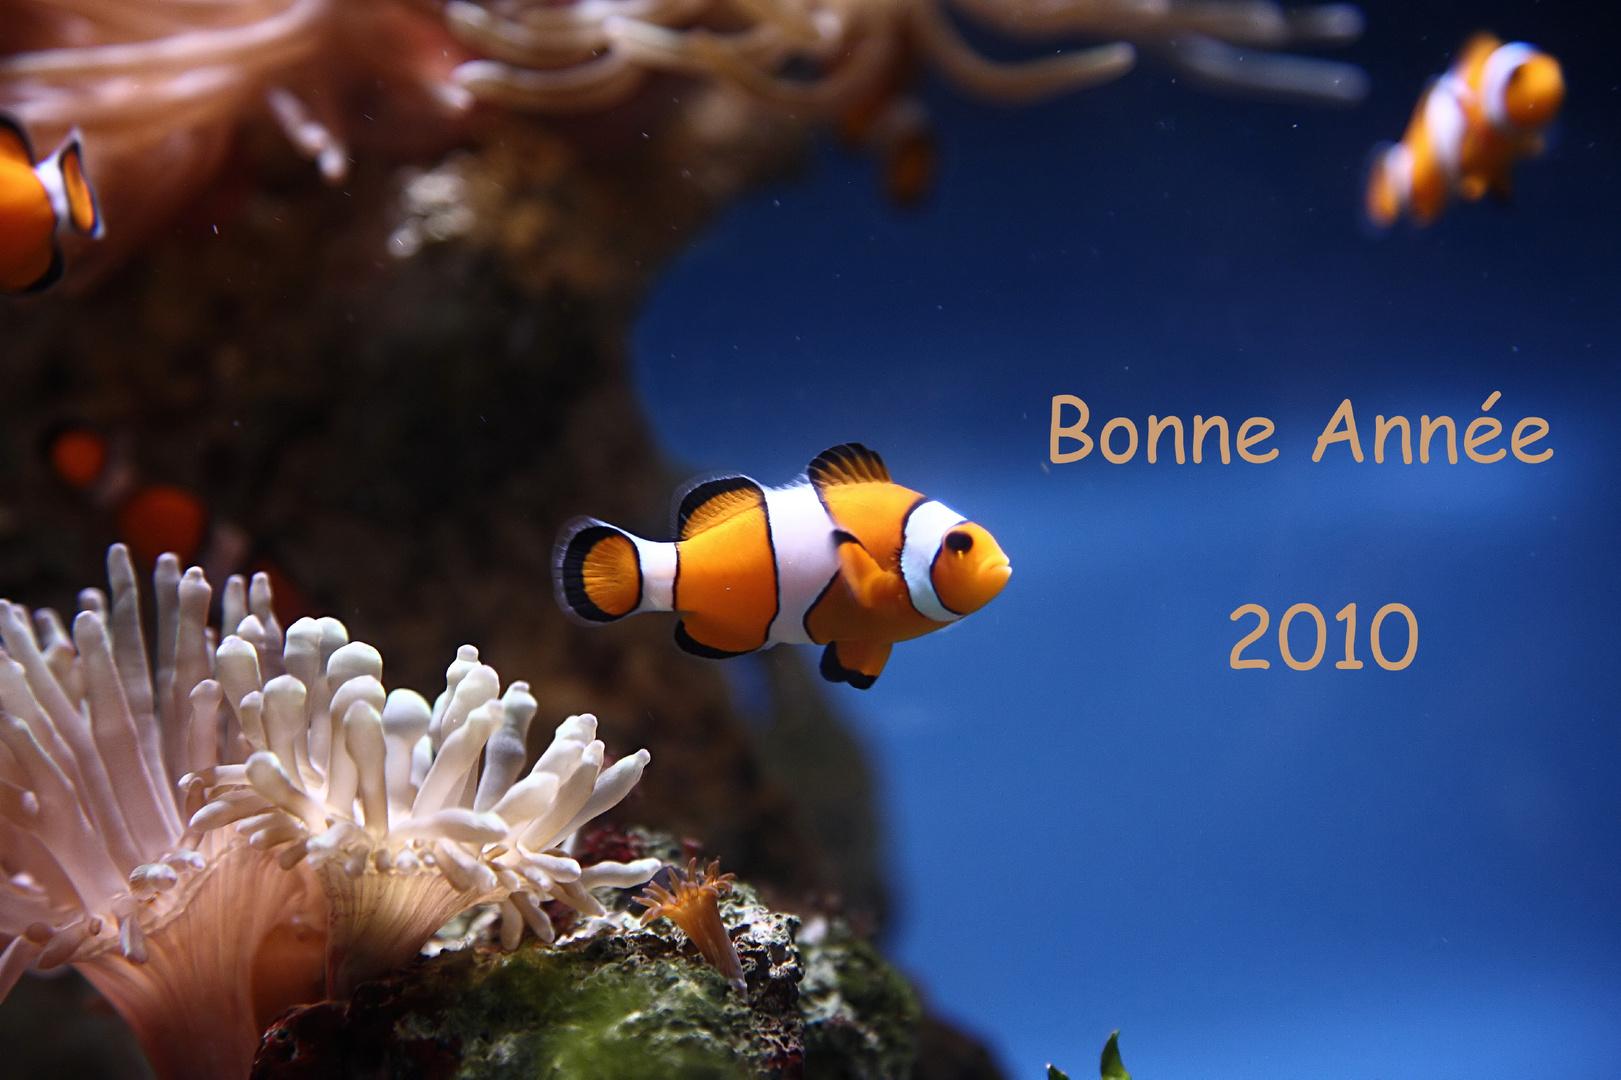 Bonne Année 2010 à toutes et tous